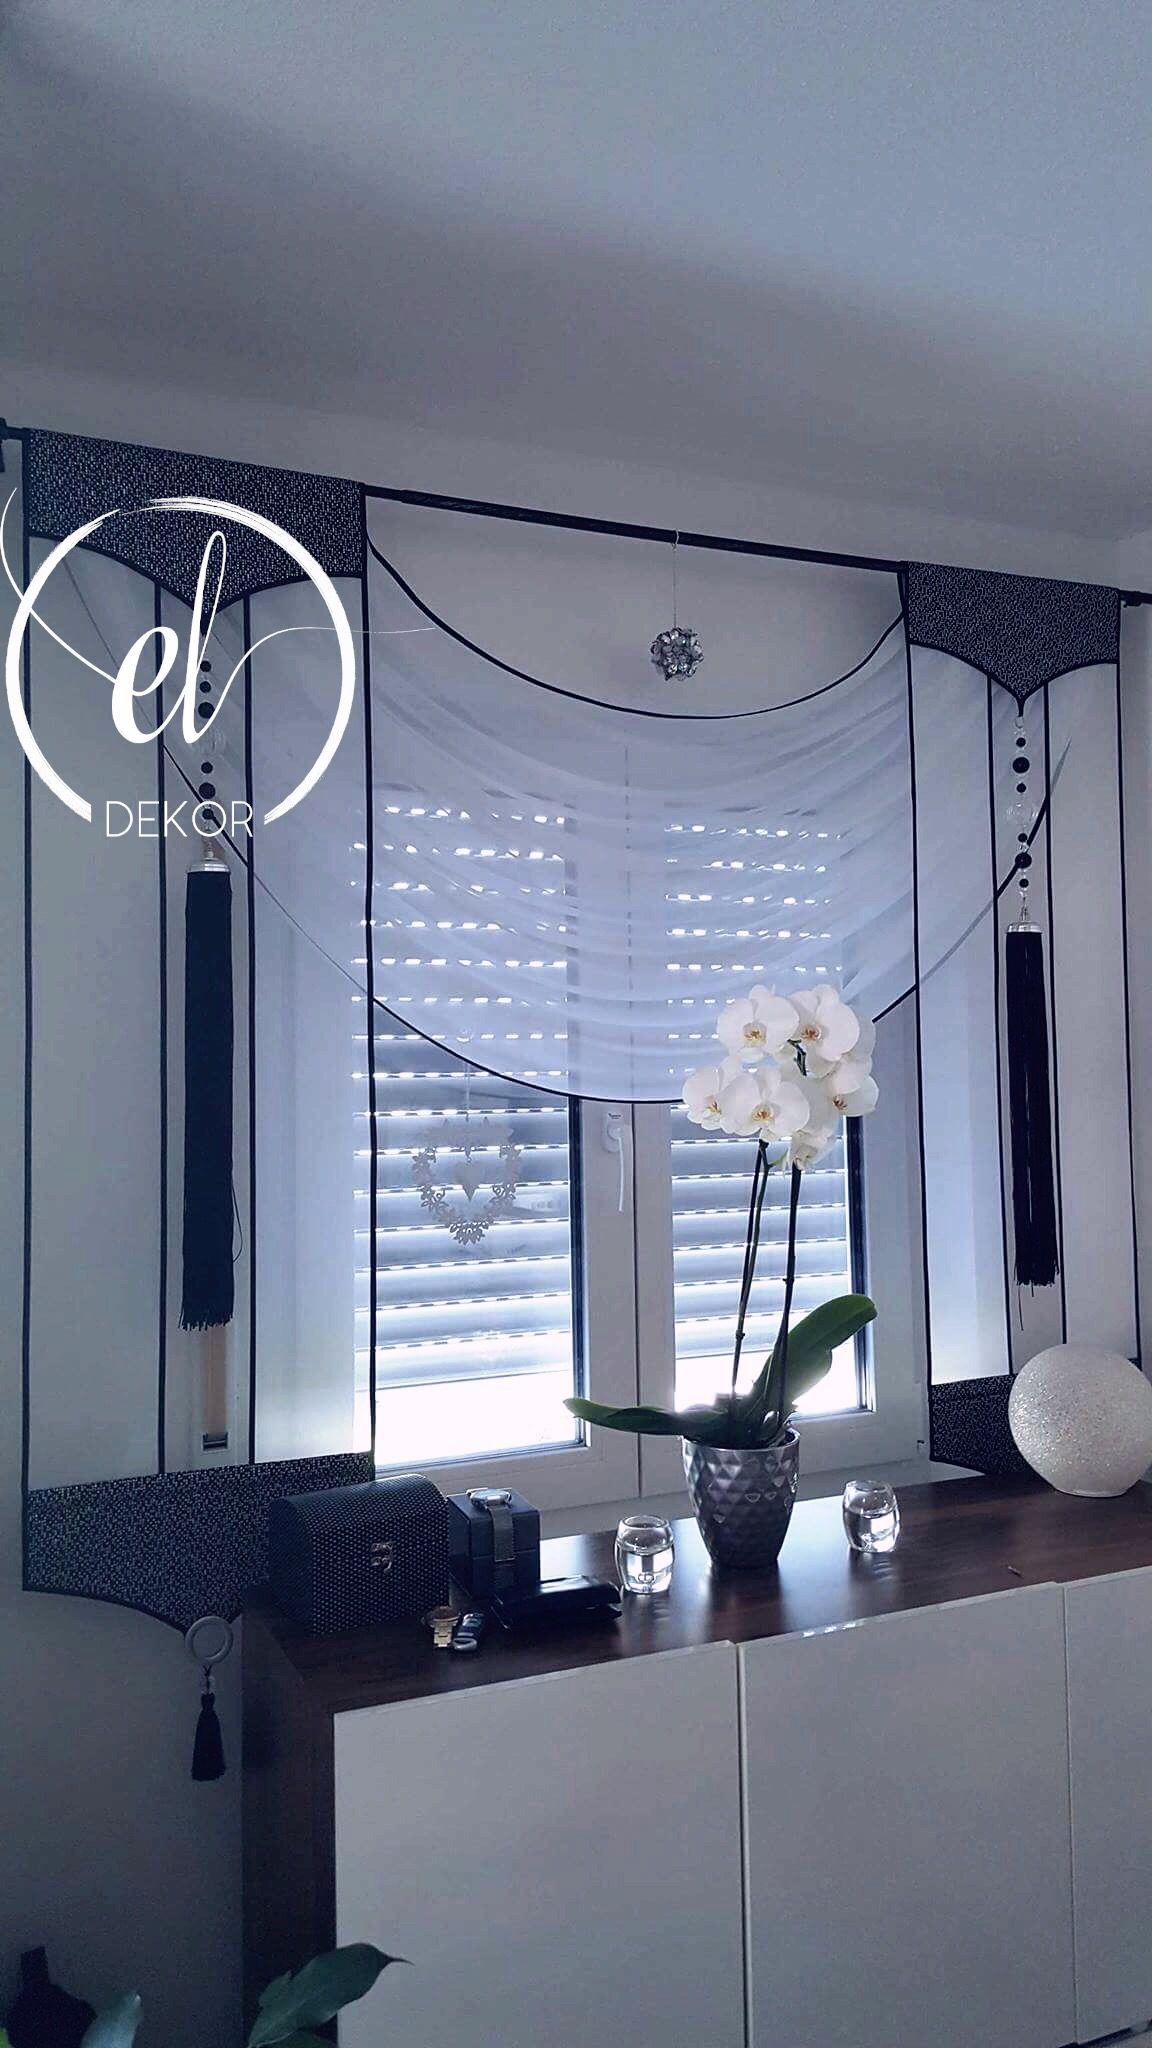 Badfenster Badezimmer Ohne Fenster Badezimmer Fenster Ideen Gardinen